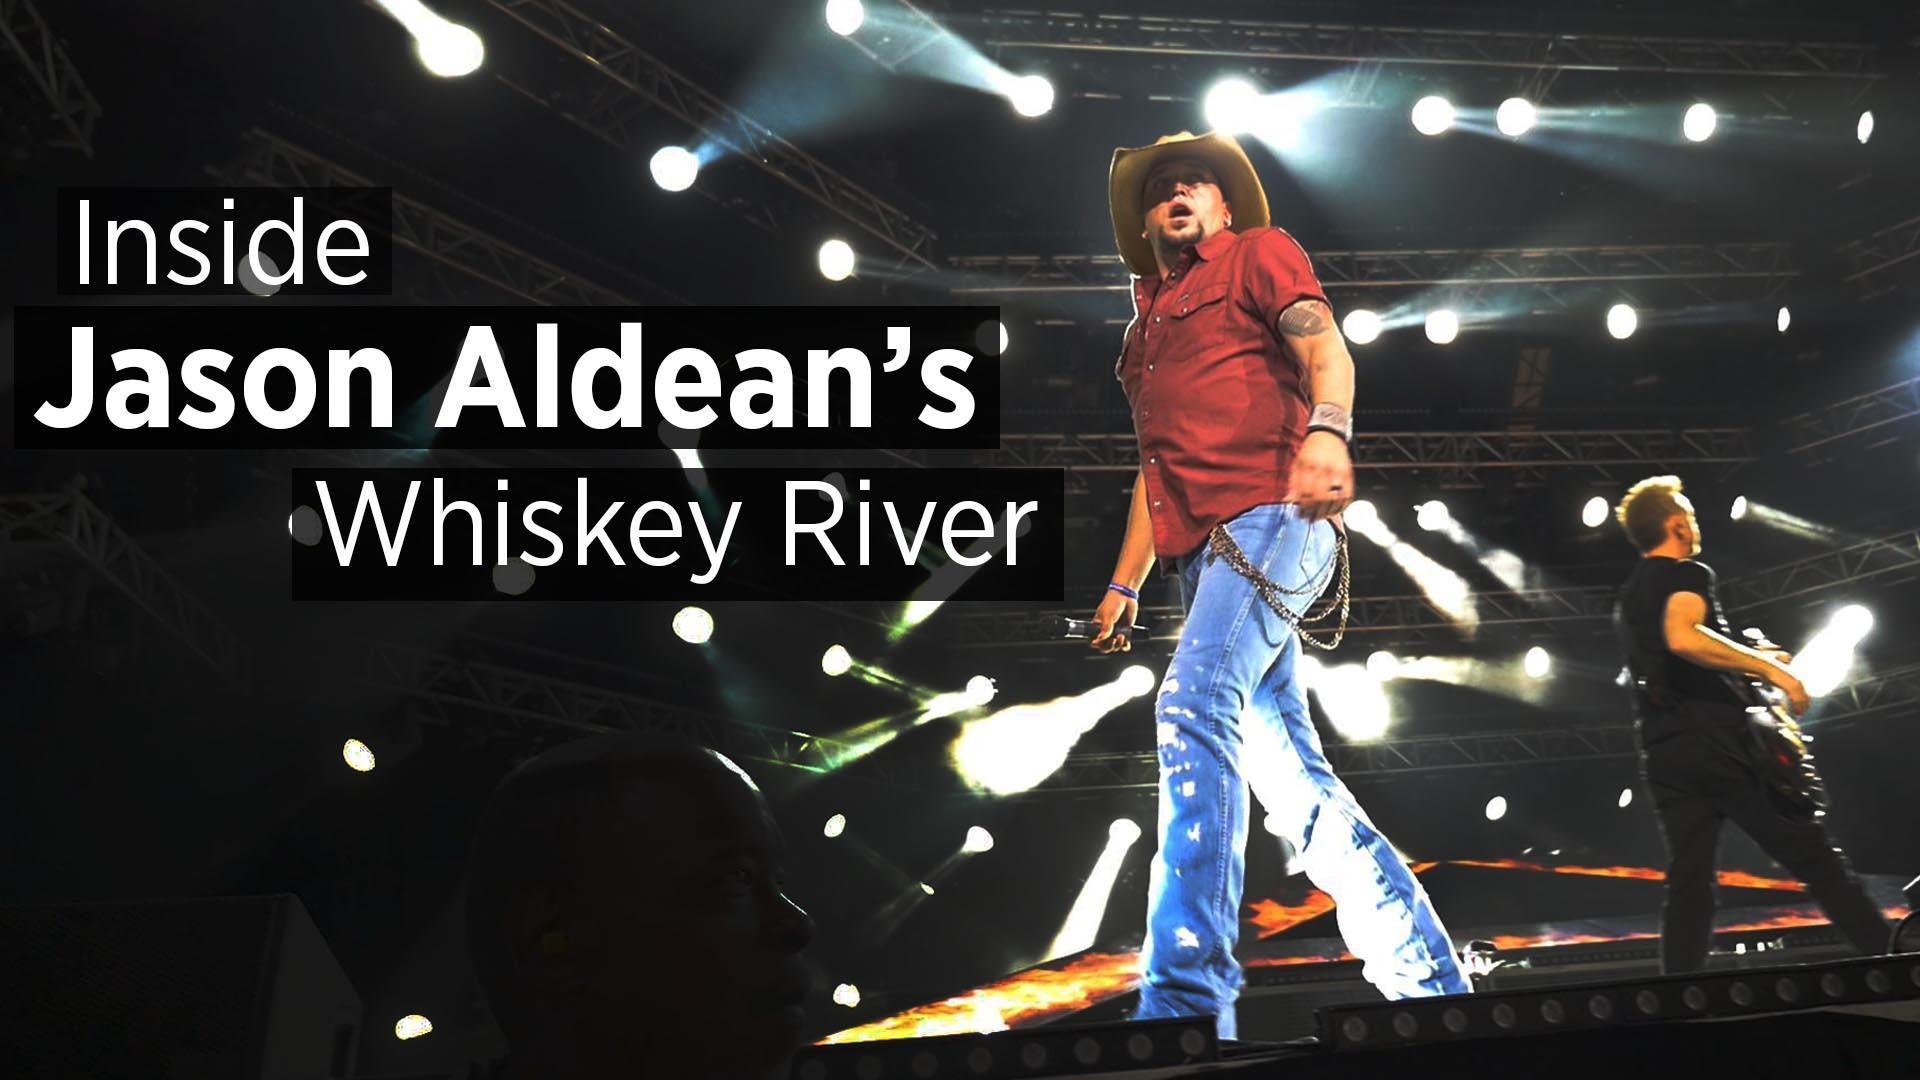 Inside Jason Aldean's Whiskey River